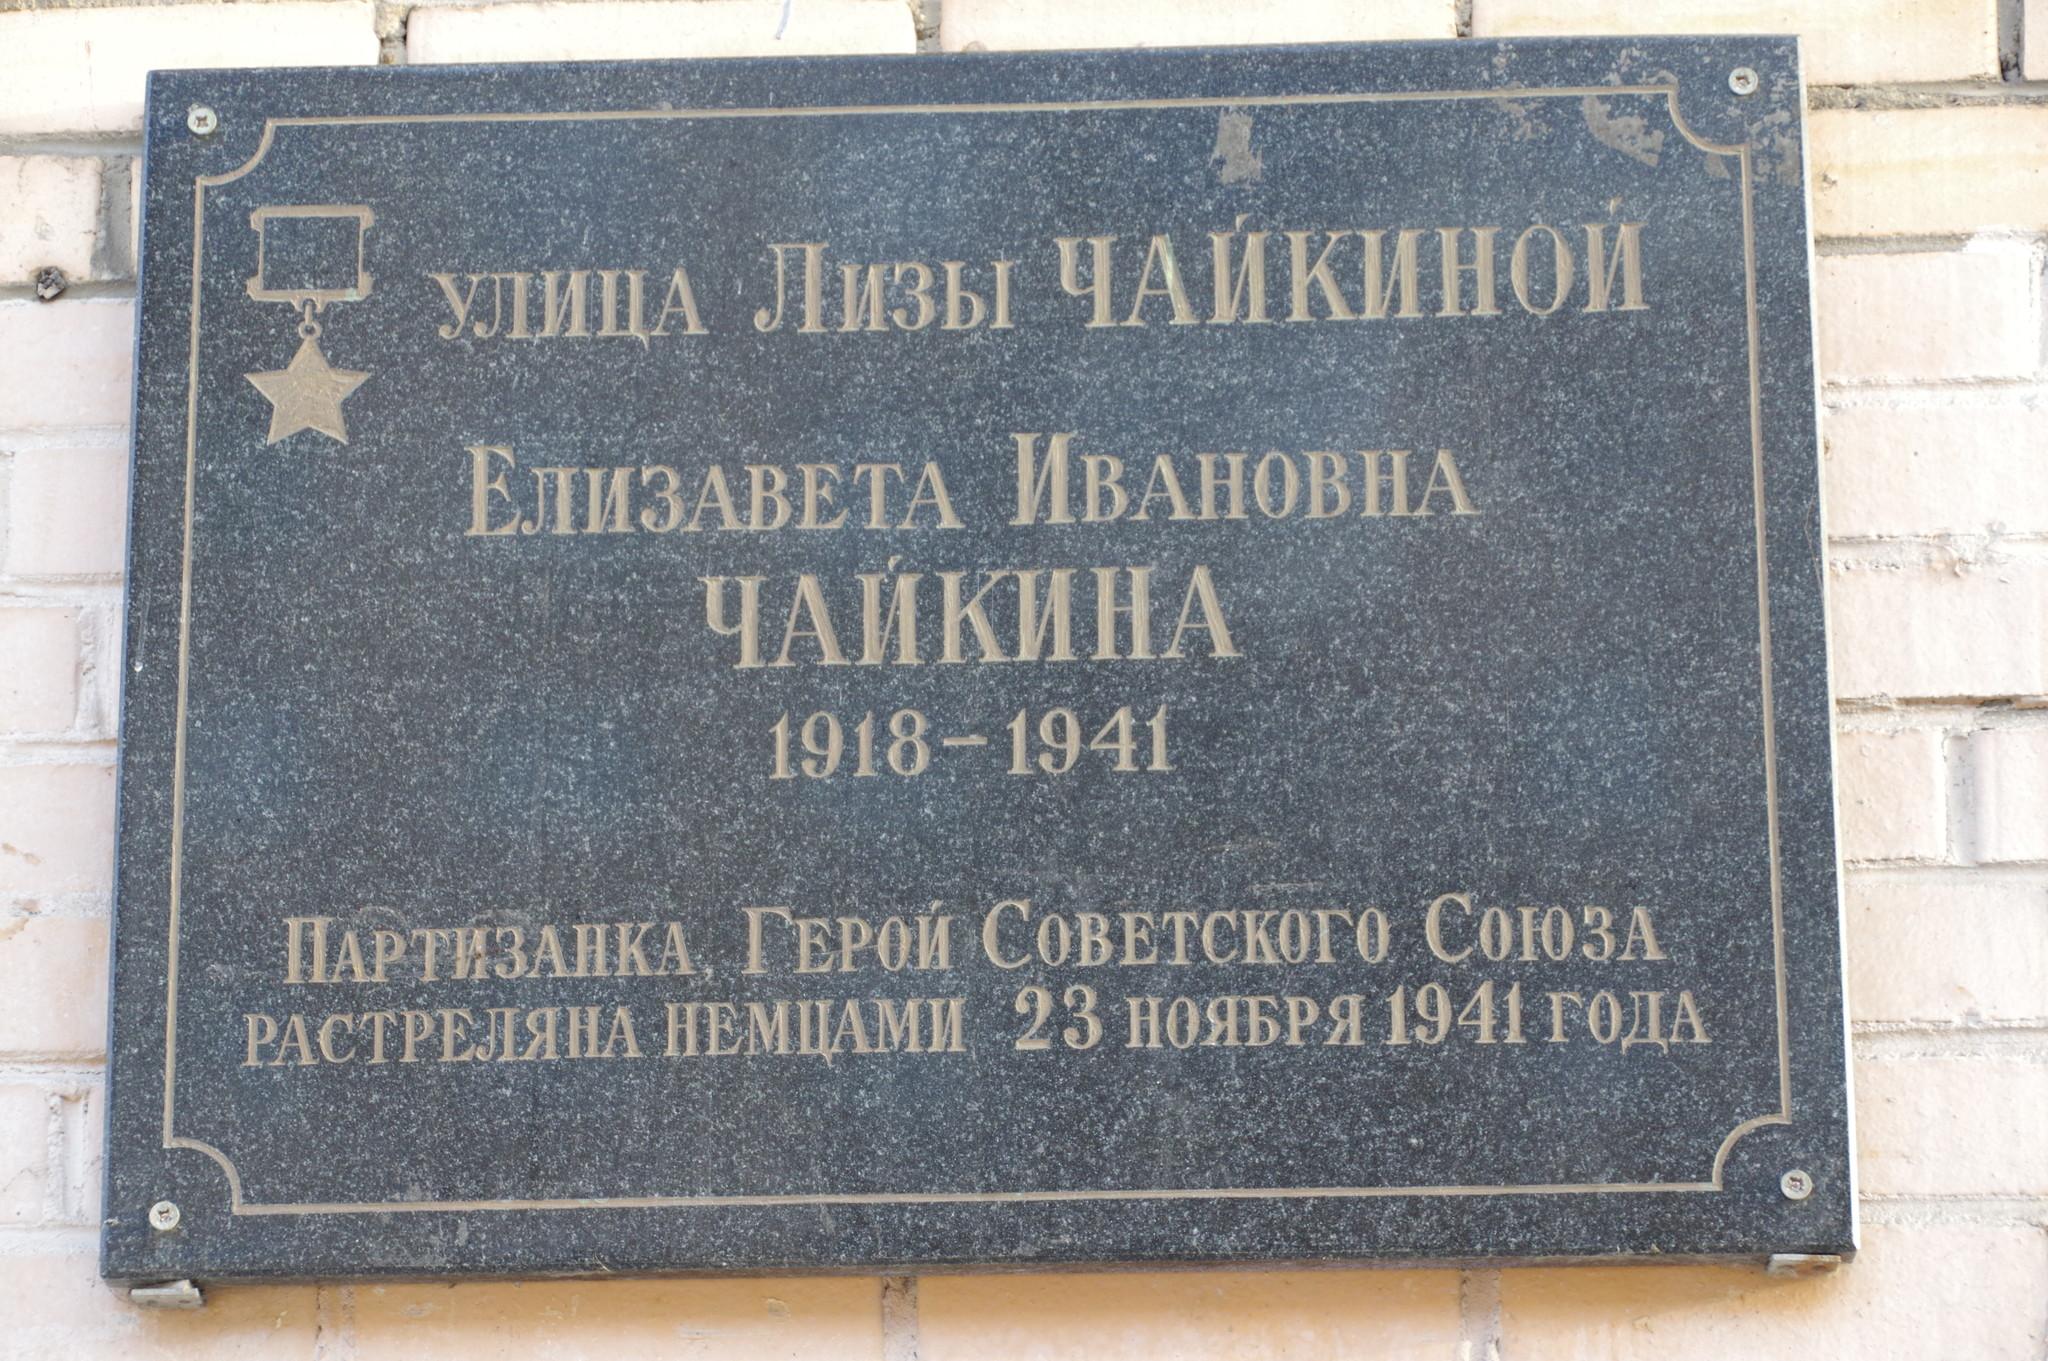 Памятная доска на фасаде дома на улице Лизы Чайкиной в Москве